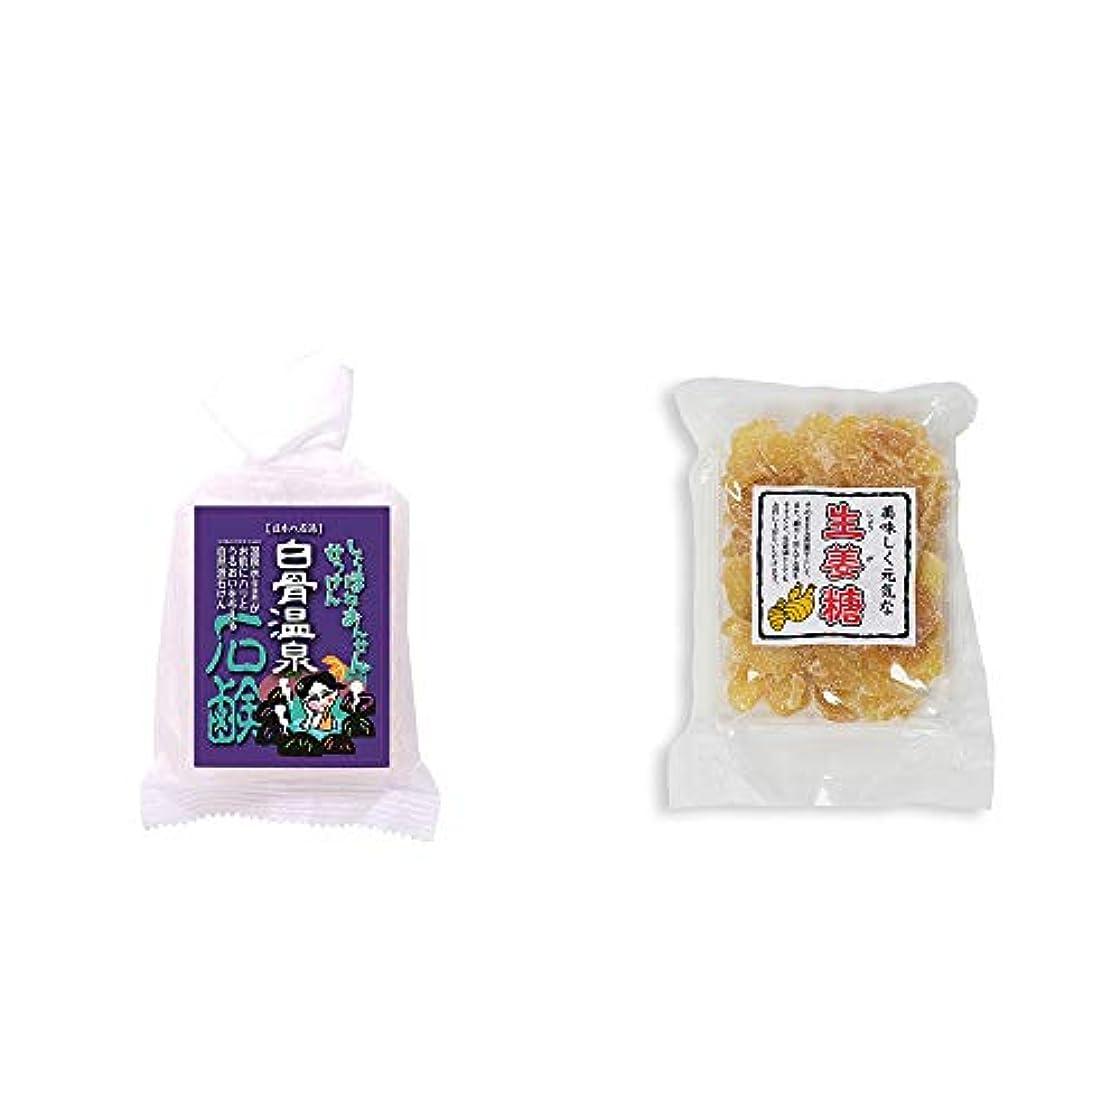 もつれスペアしかし[2点セット] 信州 白骨温泉石鹸(80g)?生姜糖(230g)